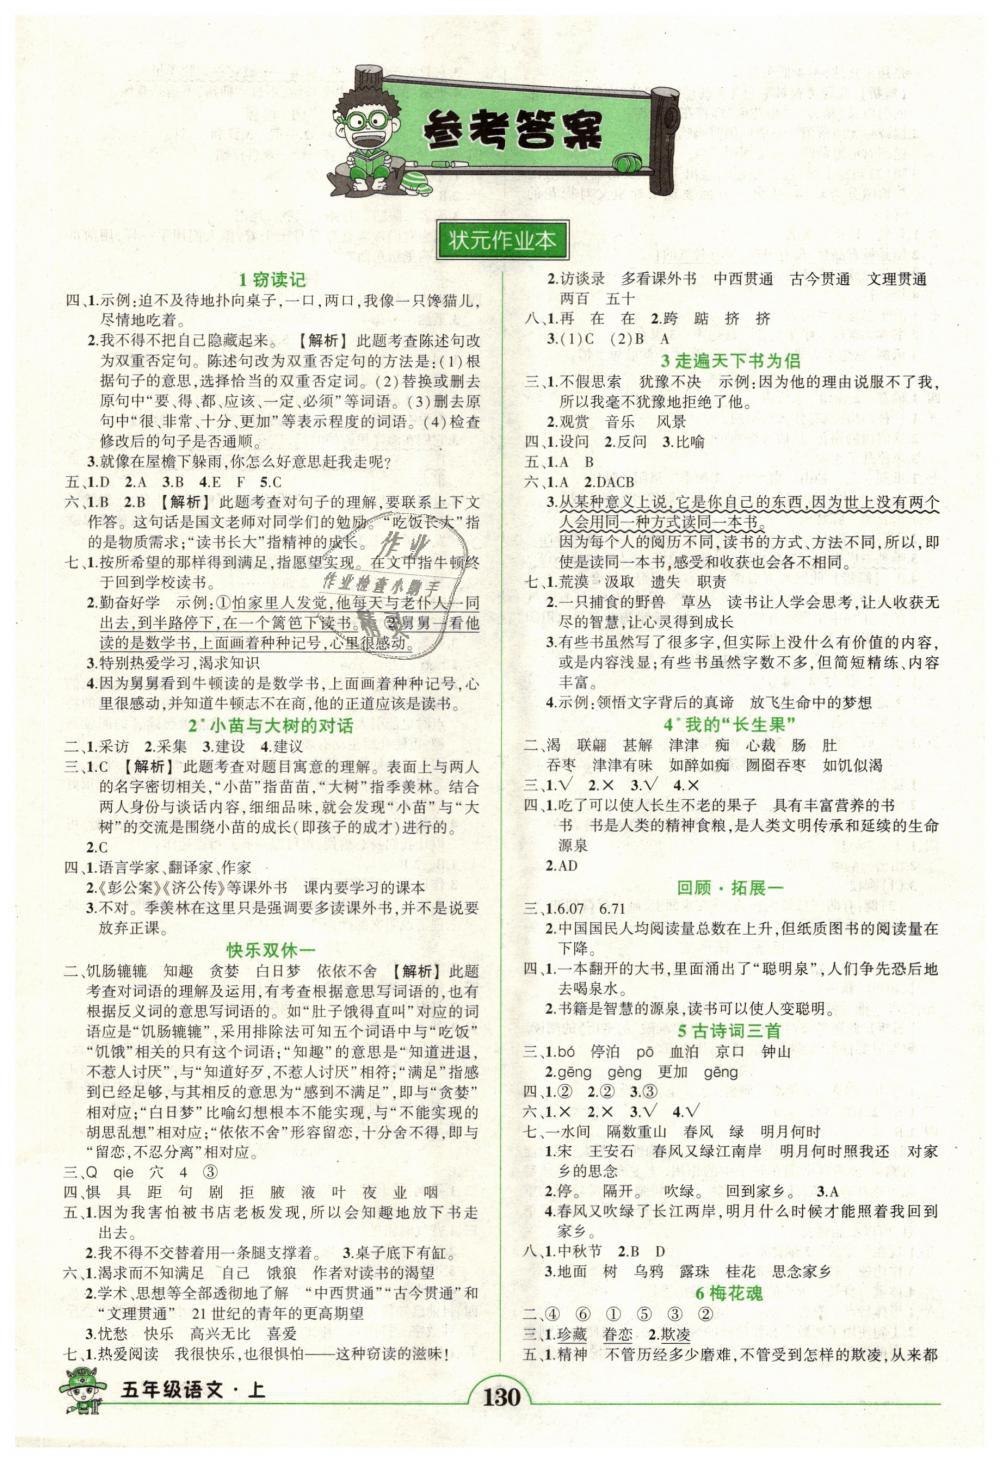 2018年黄冈状元成才路状元作业本五年级语文上册人教版第1页